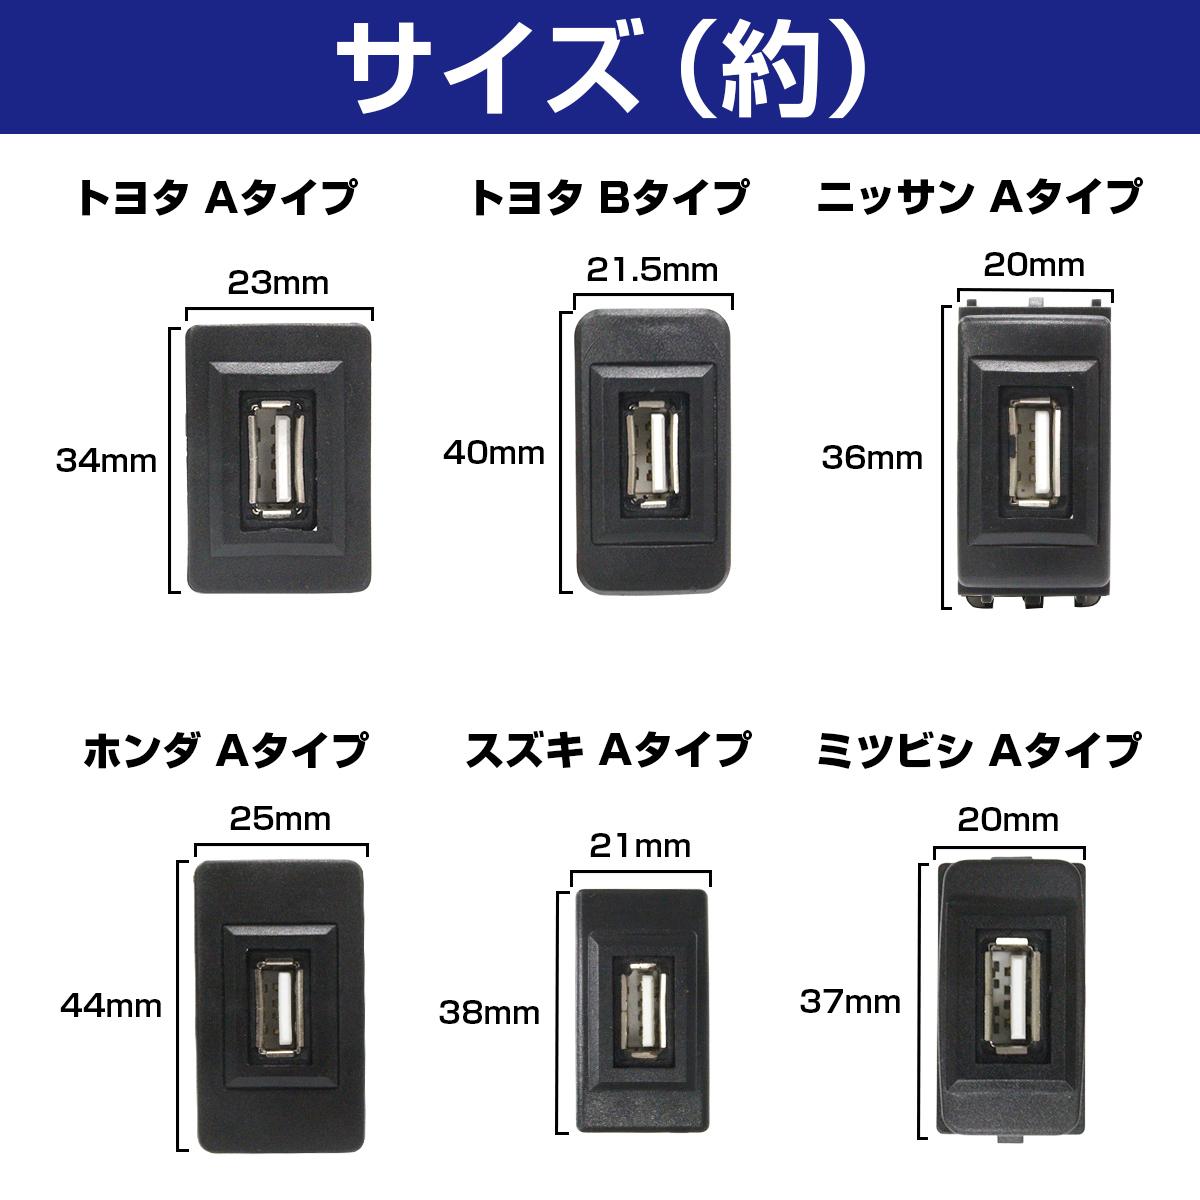 【送料無料~】【トヨタAタイプ】 ヴィッツ UZJ/HDJ100系 H17.2~H22.11 USB接続通信パネル 配線付 USB1ポート 増設USBケーブル 2.1A 12V_画像5